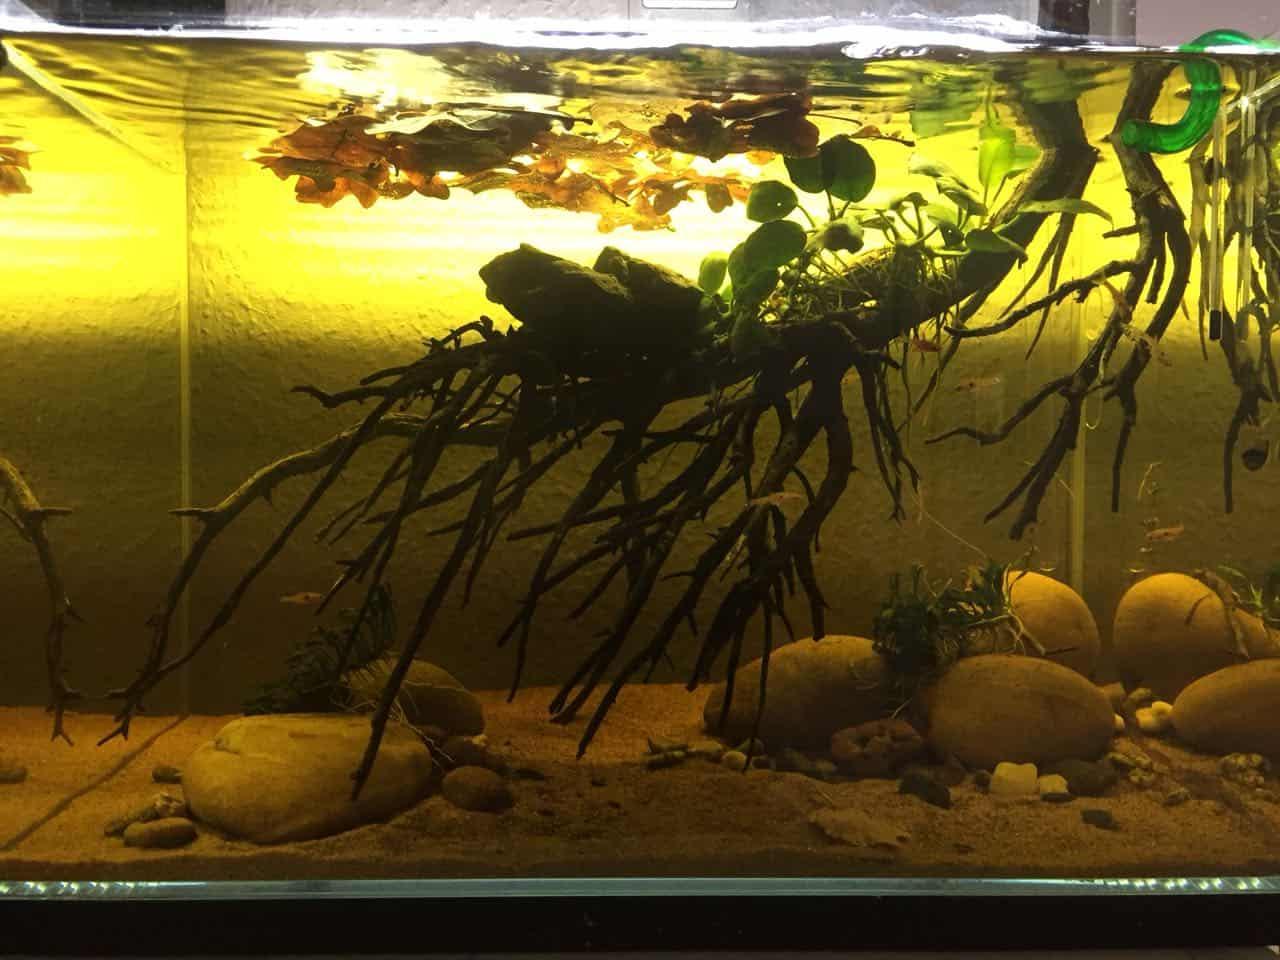 182 Vom Aquascape zum Biotop Aquarium (Dennis Laufer) 7